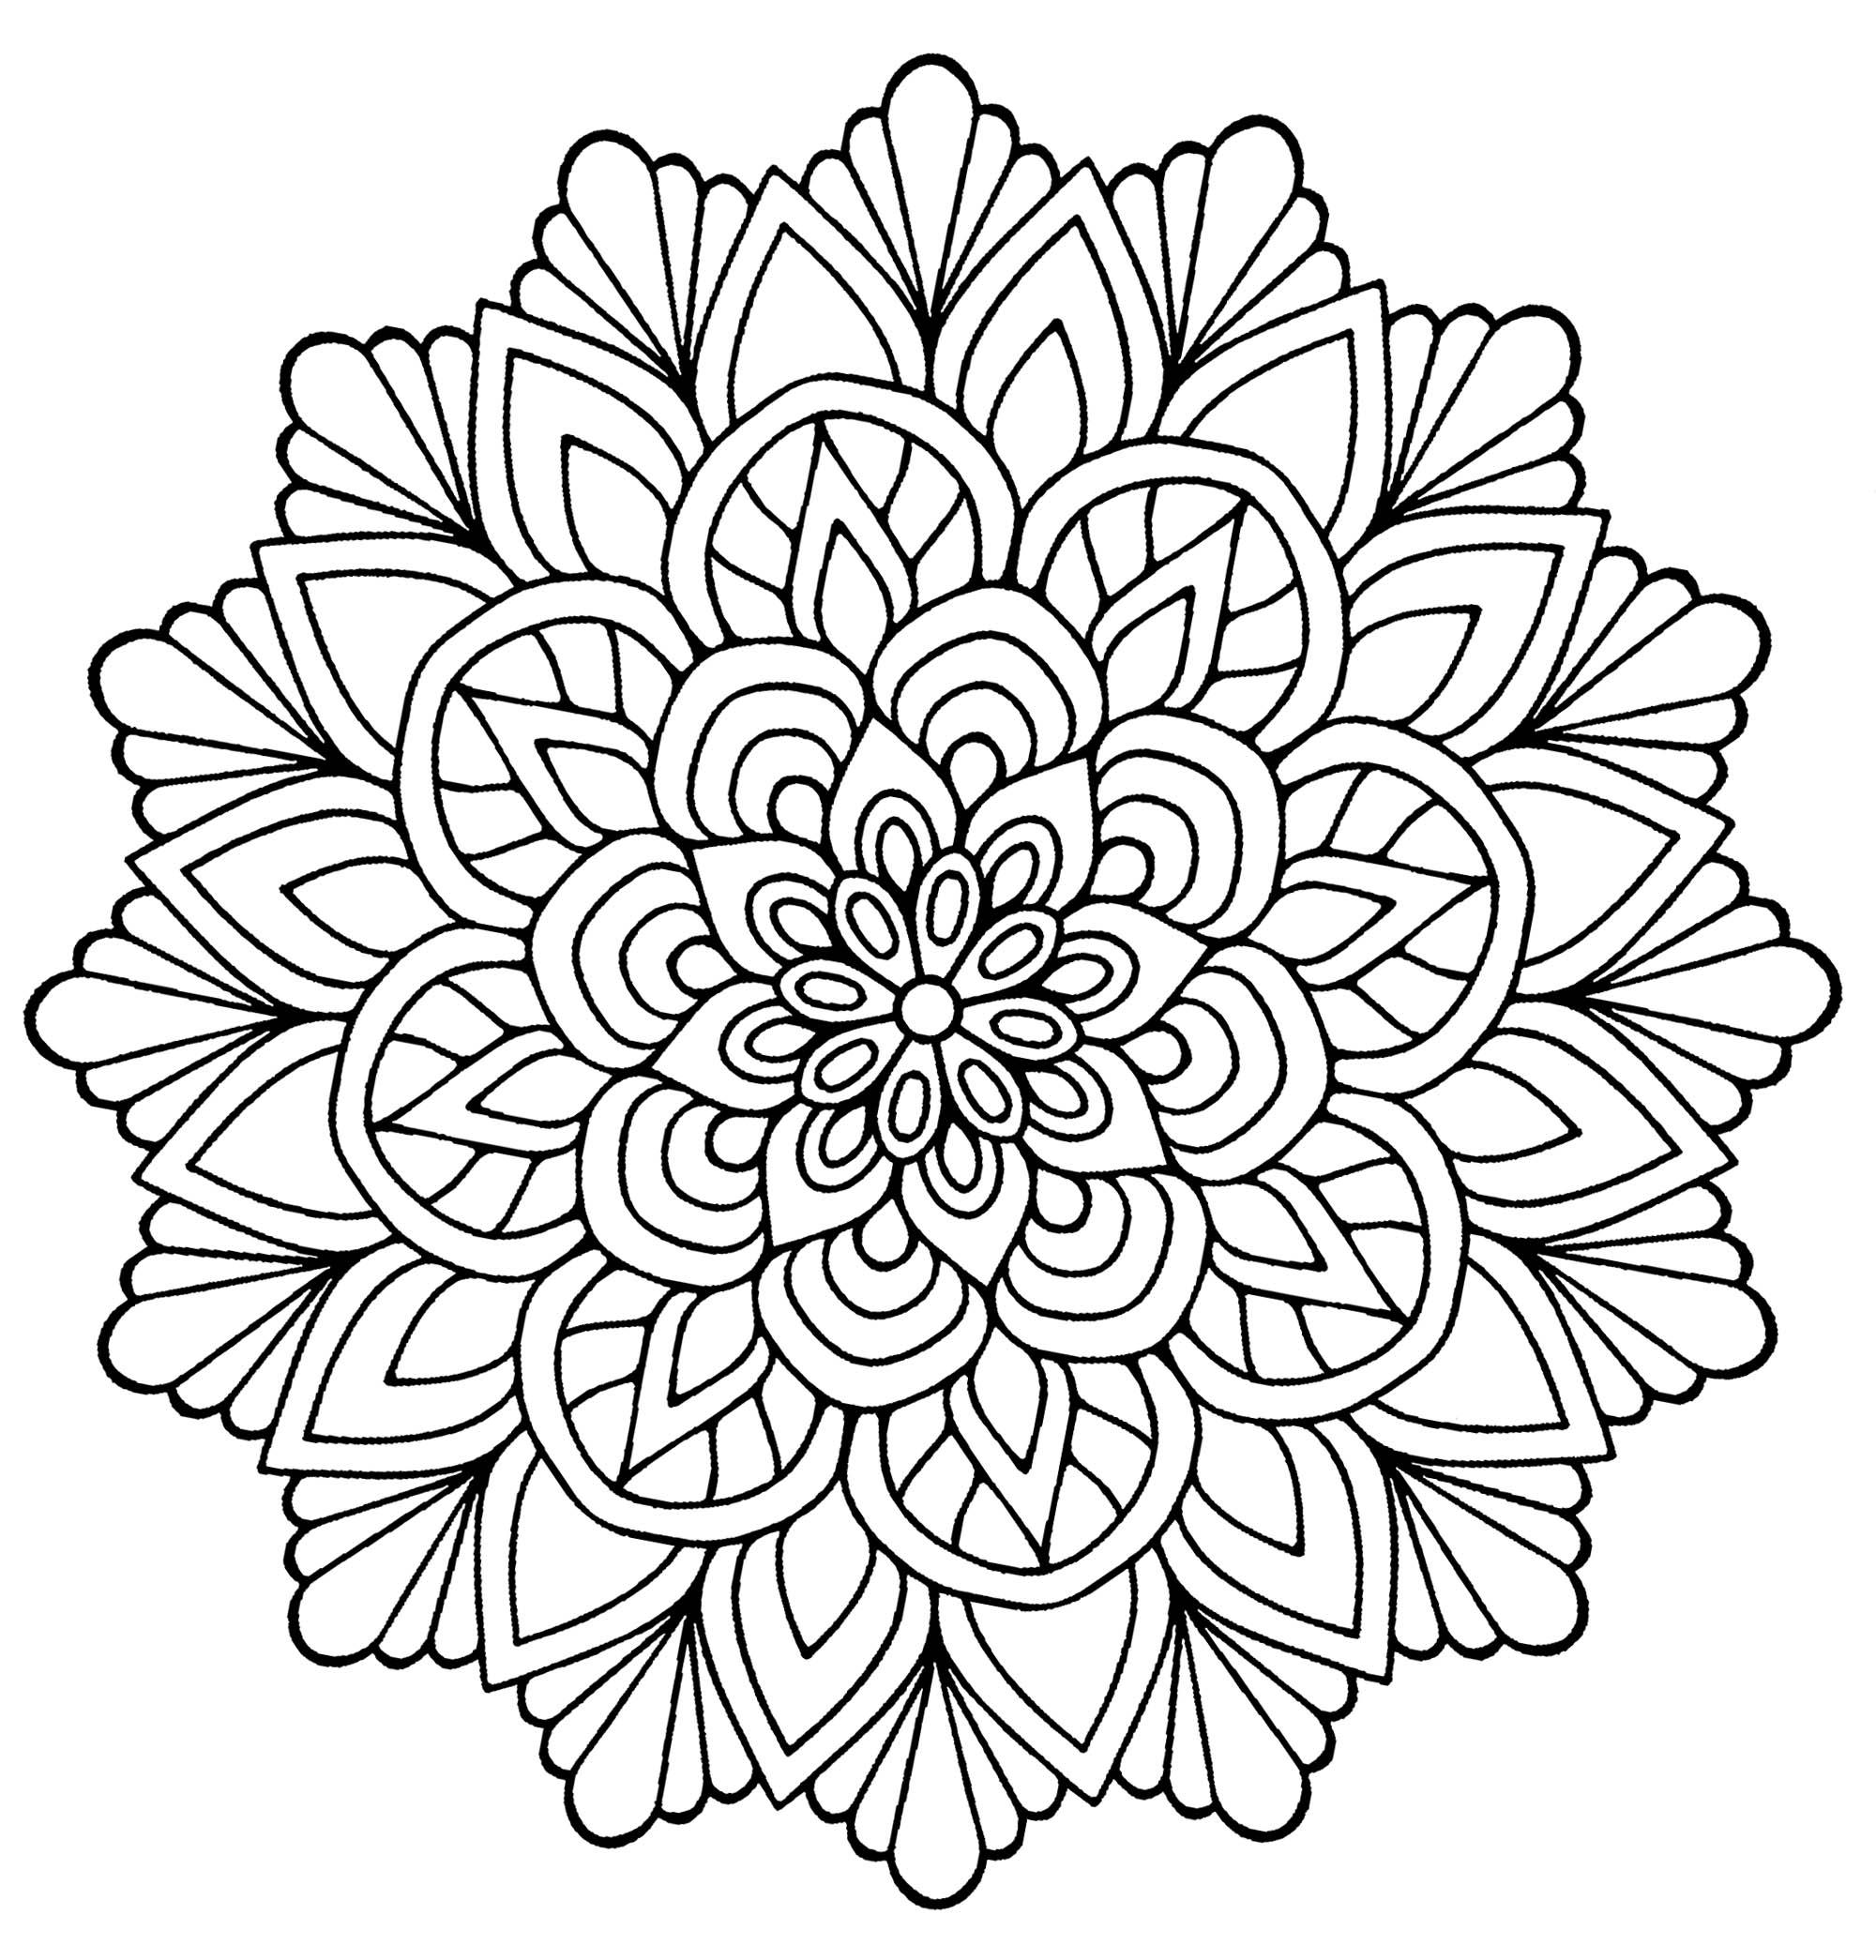 Mandala fleur avec feuilles mandalas coloriages difficiles pour adultes - Coloriage fleur tres jolie ...